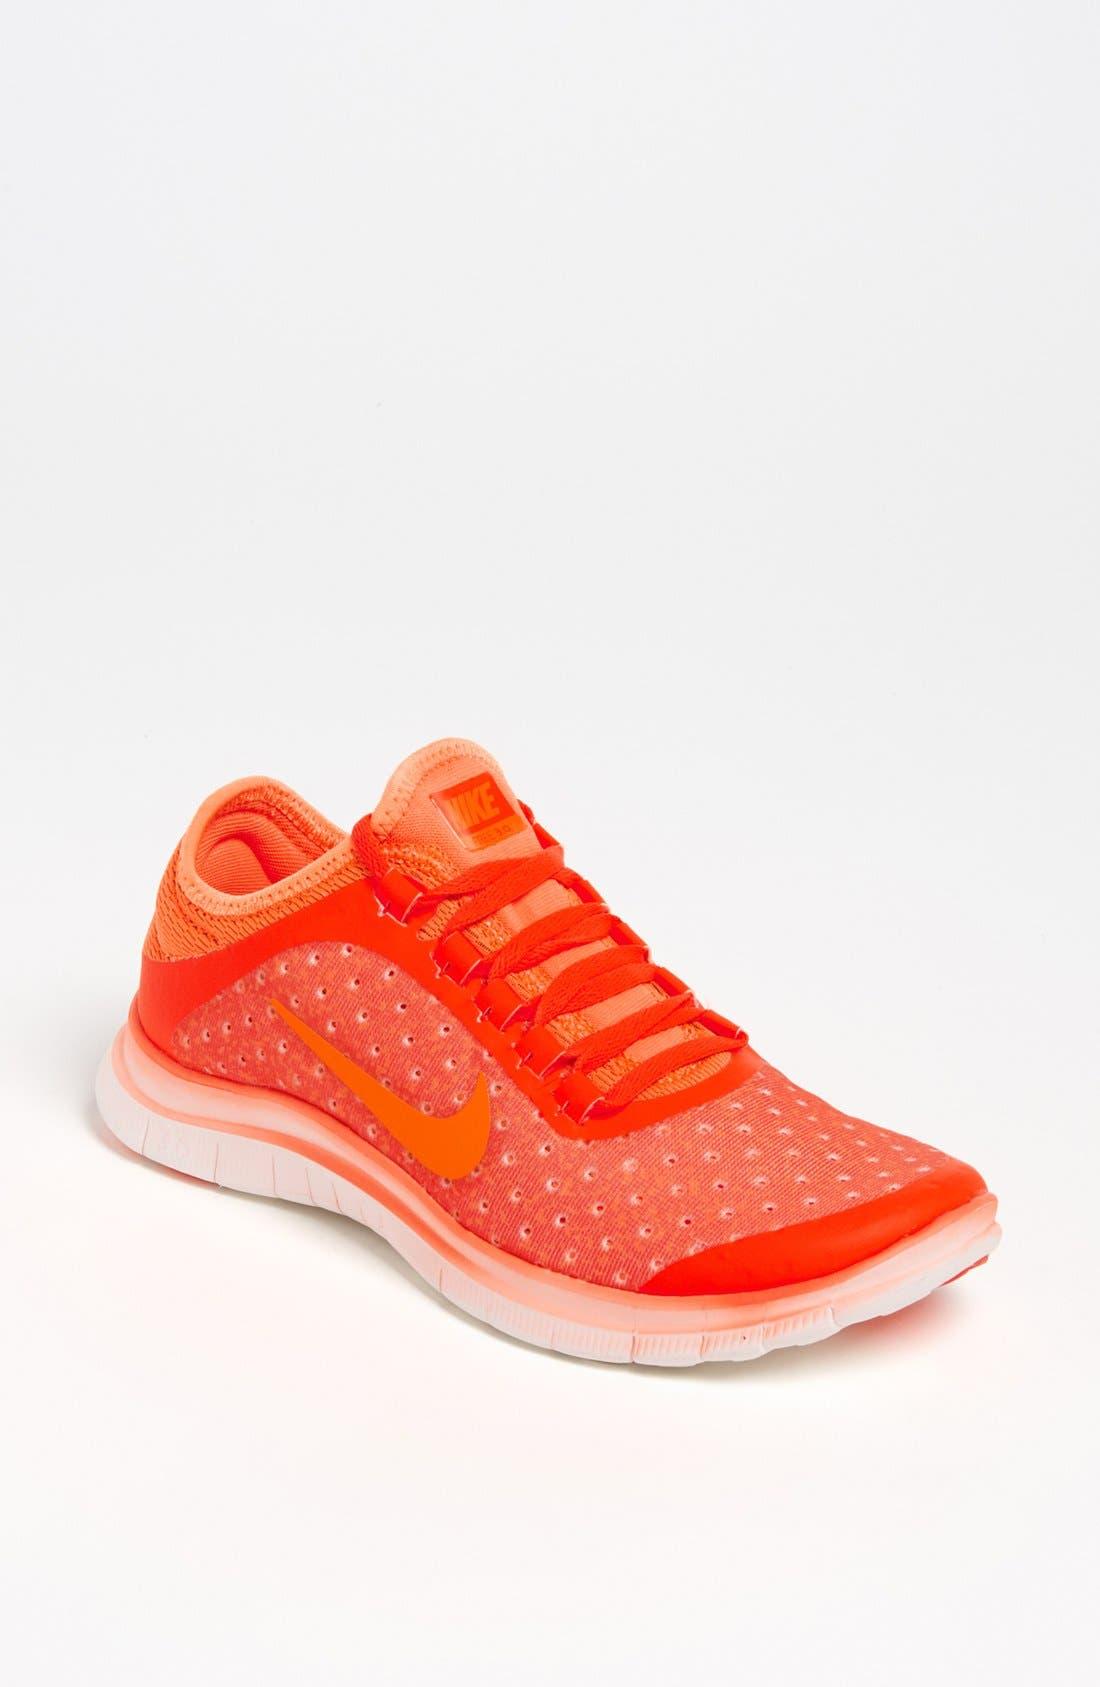 Alternate Image 1 Selected - Nike 'Free 3.0 v5' Sneaker (Women)